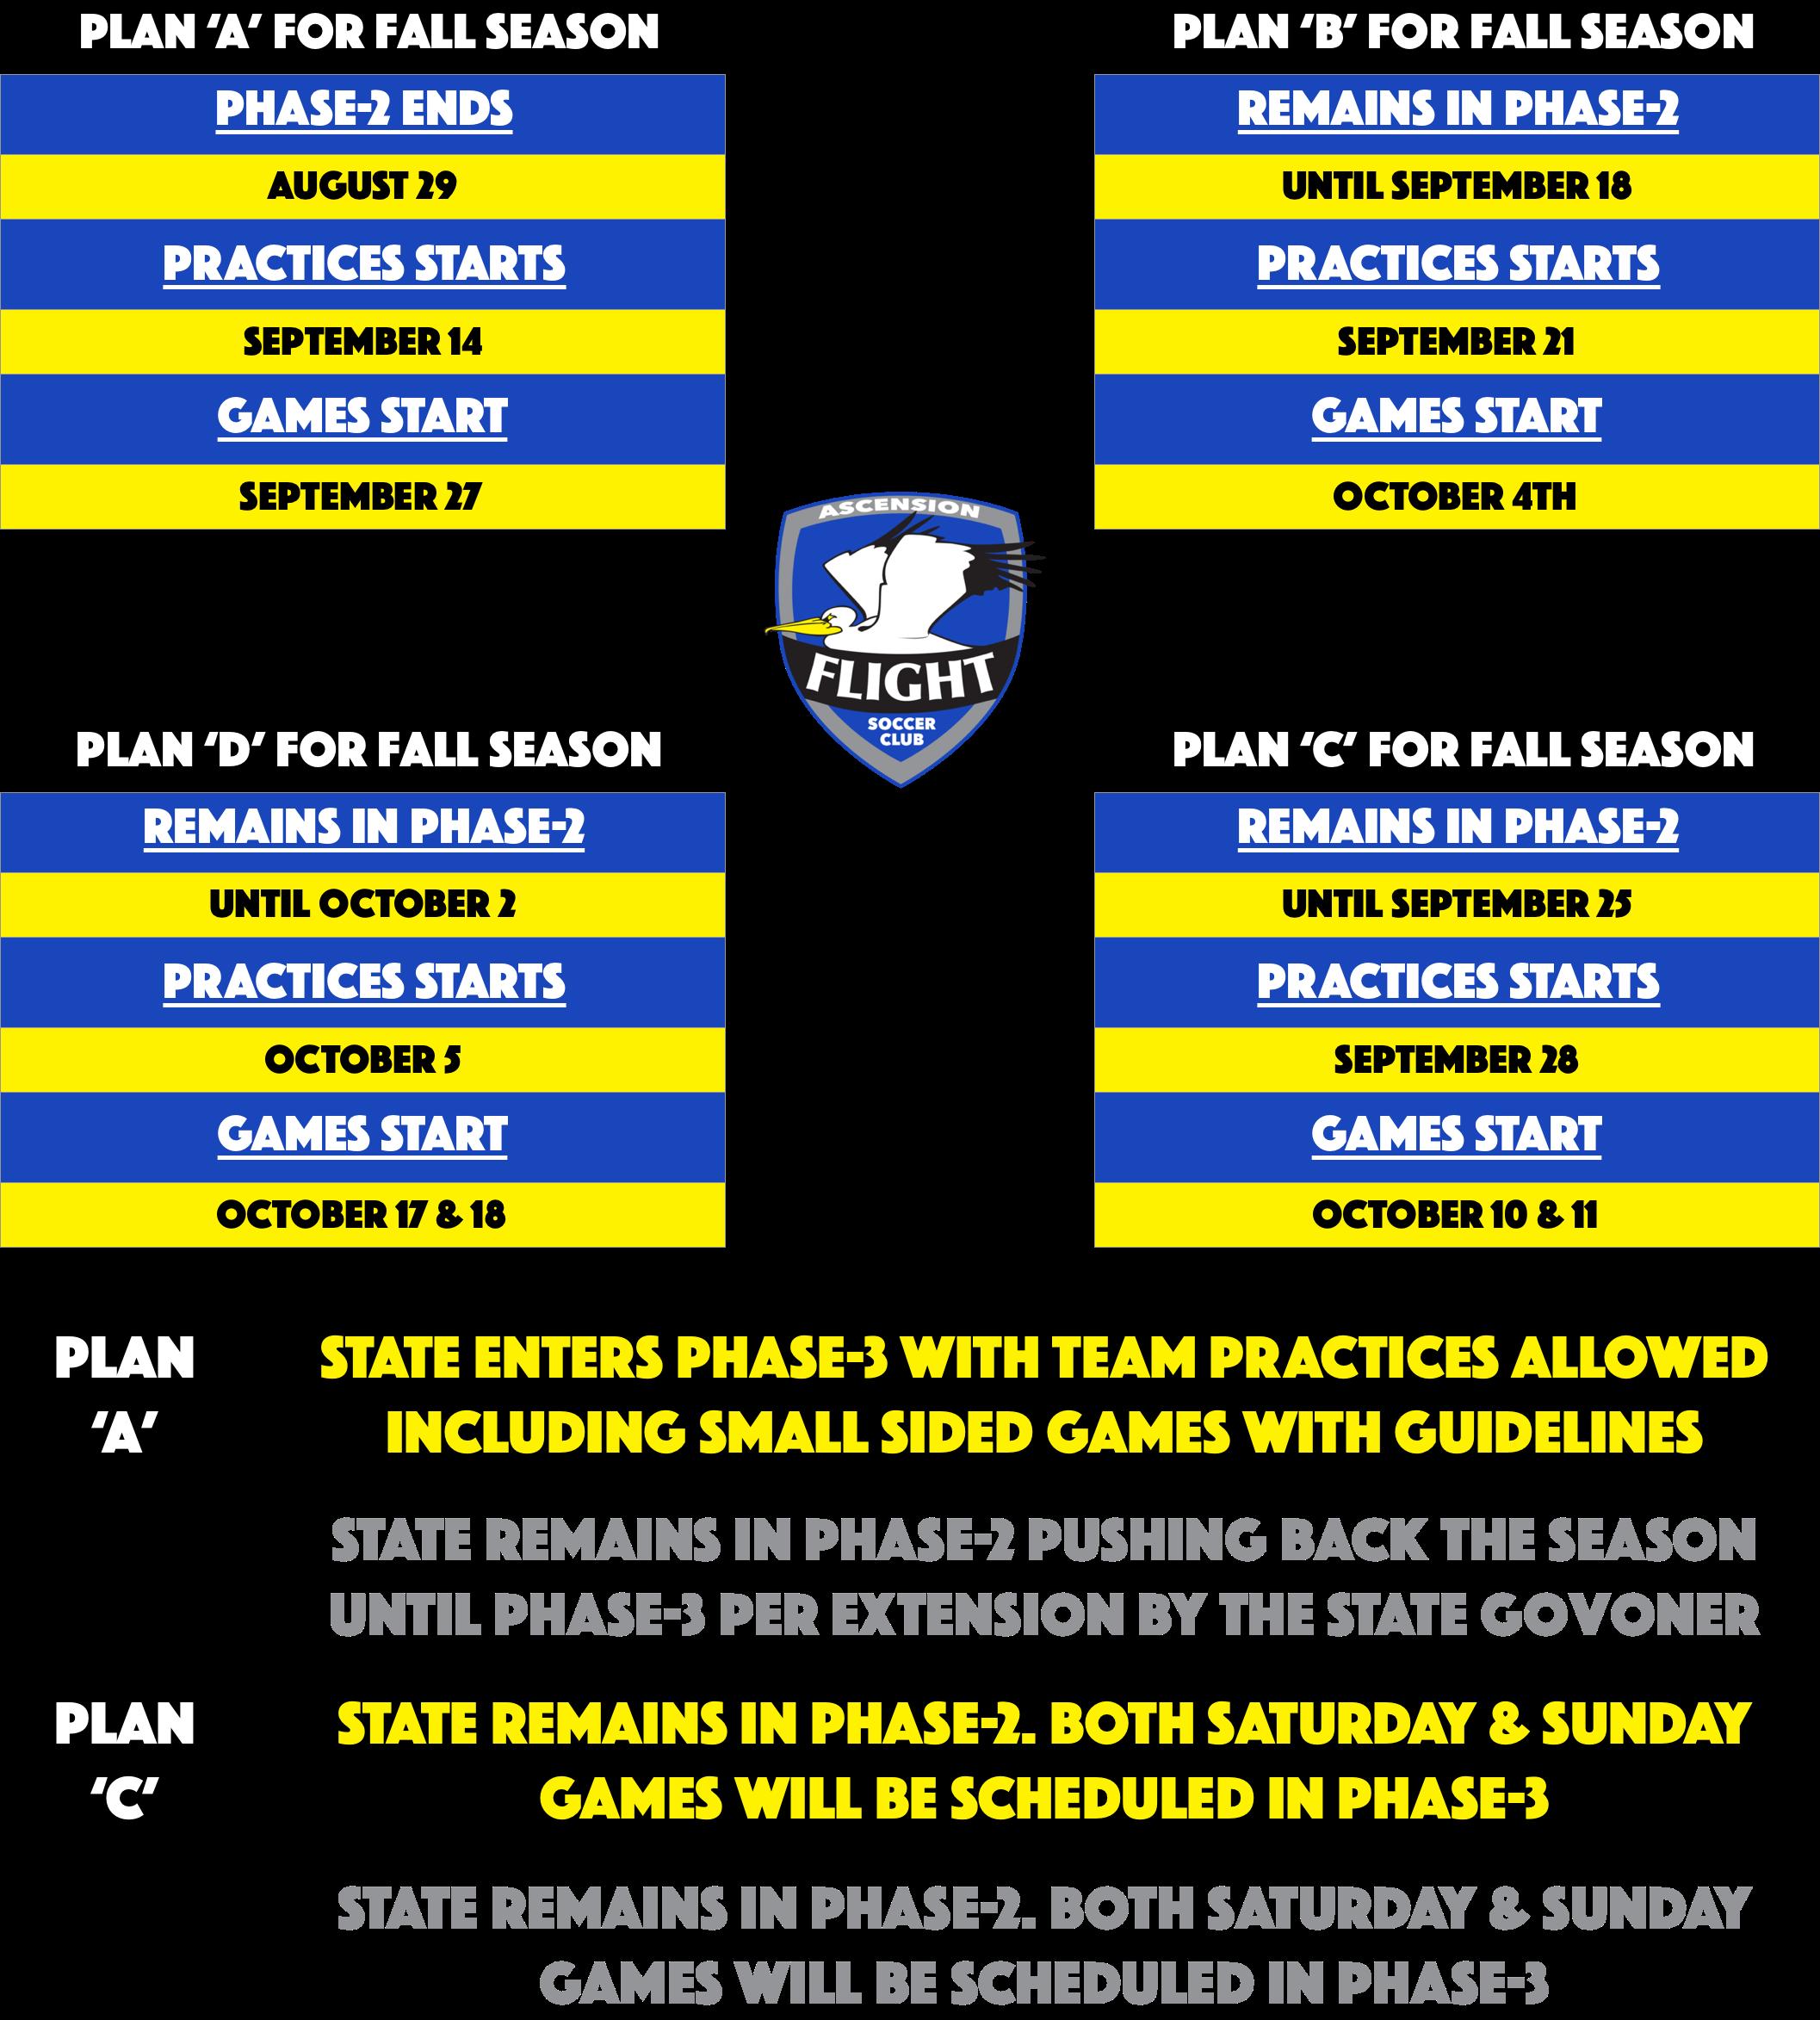 Recreational League - Plans A, B, C, D